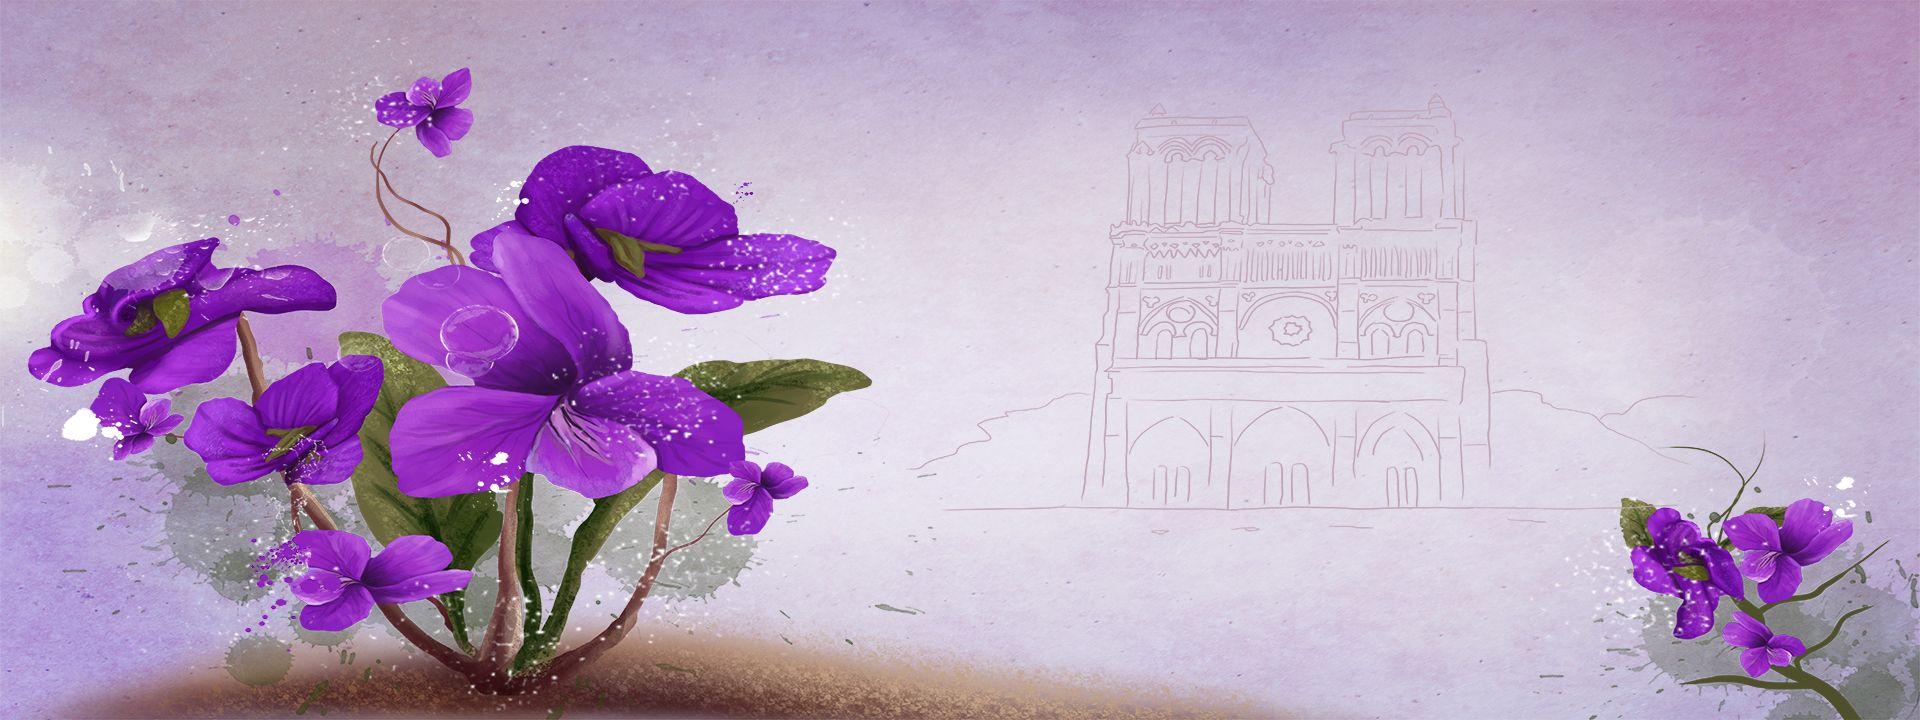 الأرجواني الزهور الخلفية Sketch Background Pink Flowers Floral